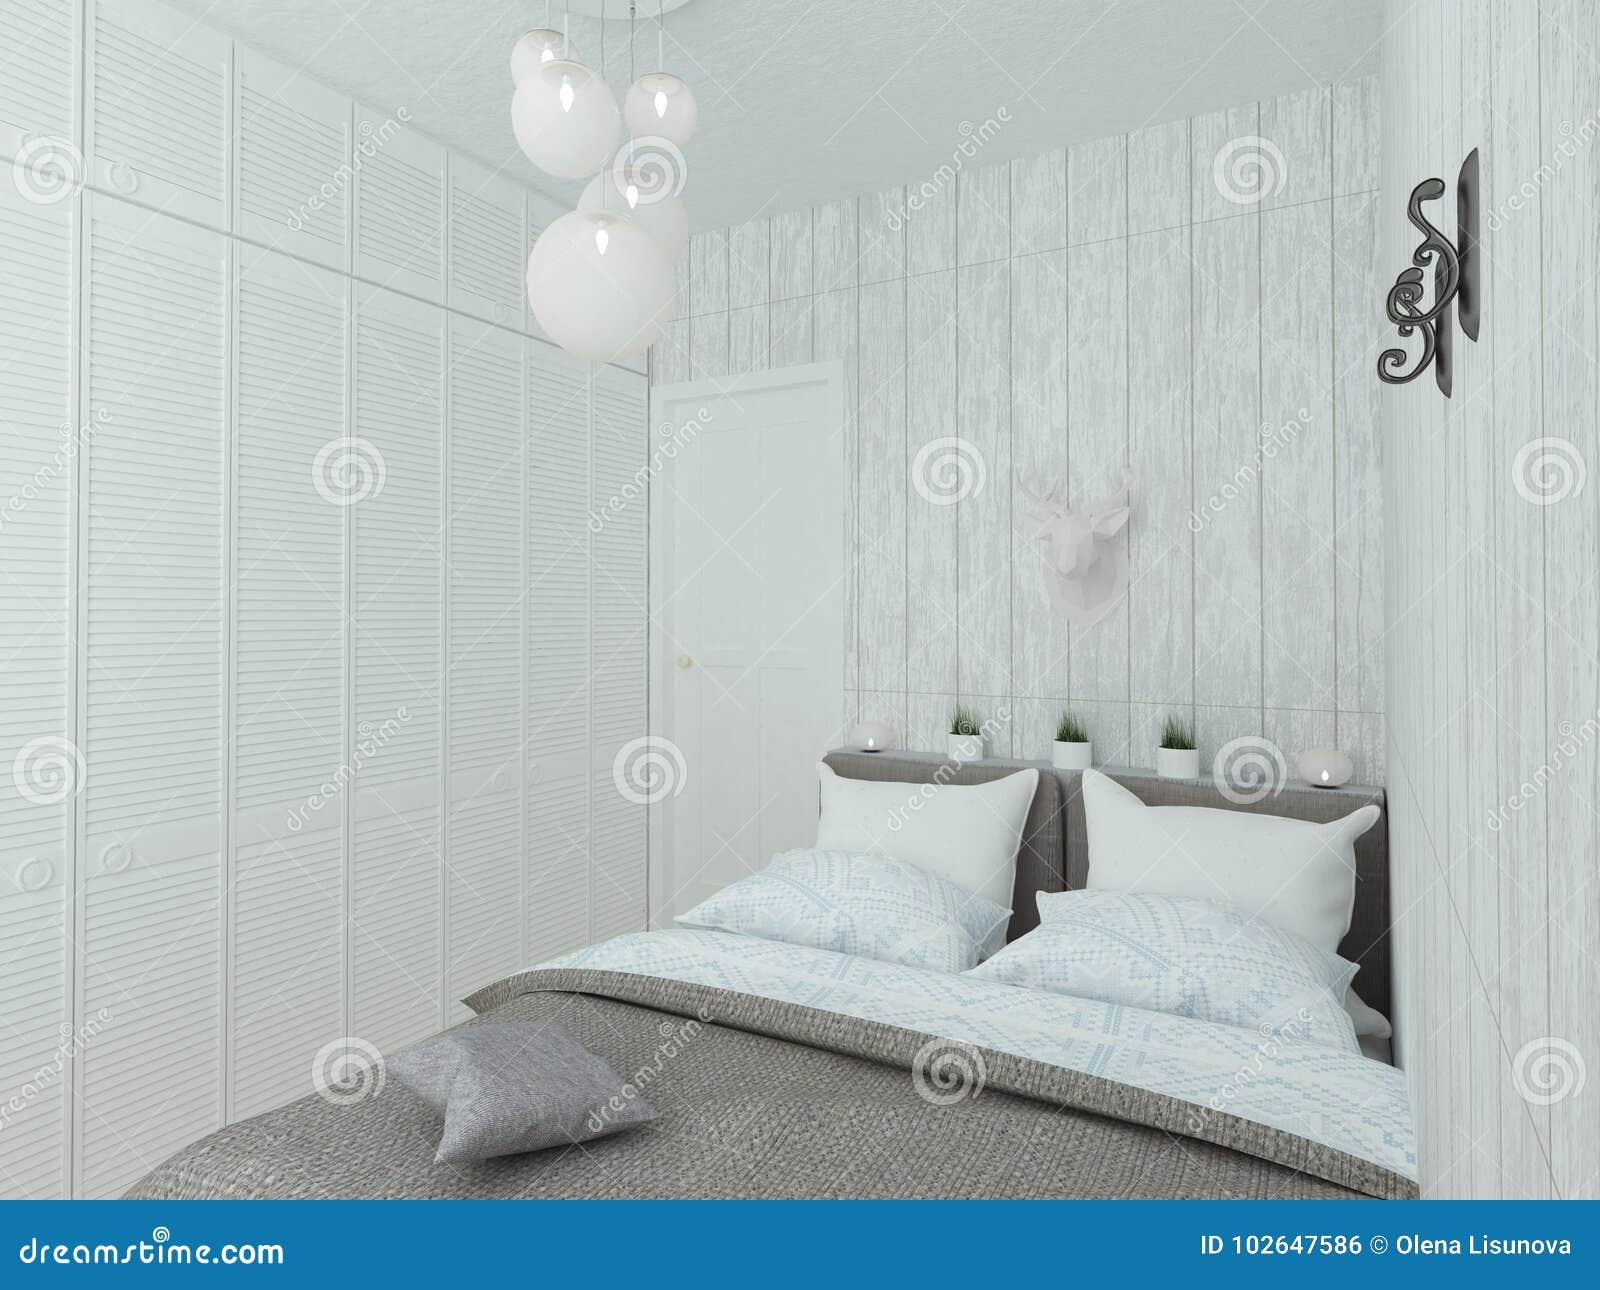 Mała Pusta Sypialnia Z Białym łóżkiem Ilustracji